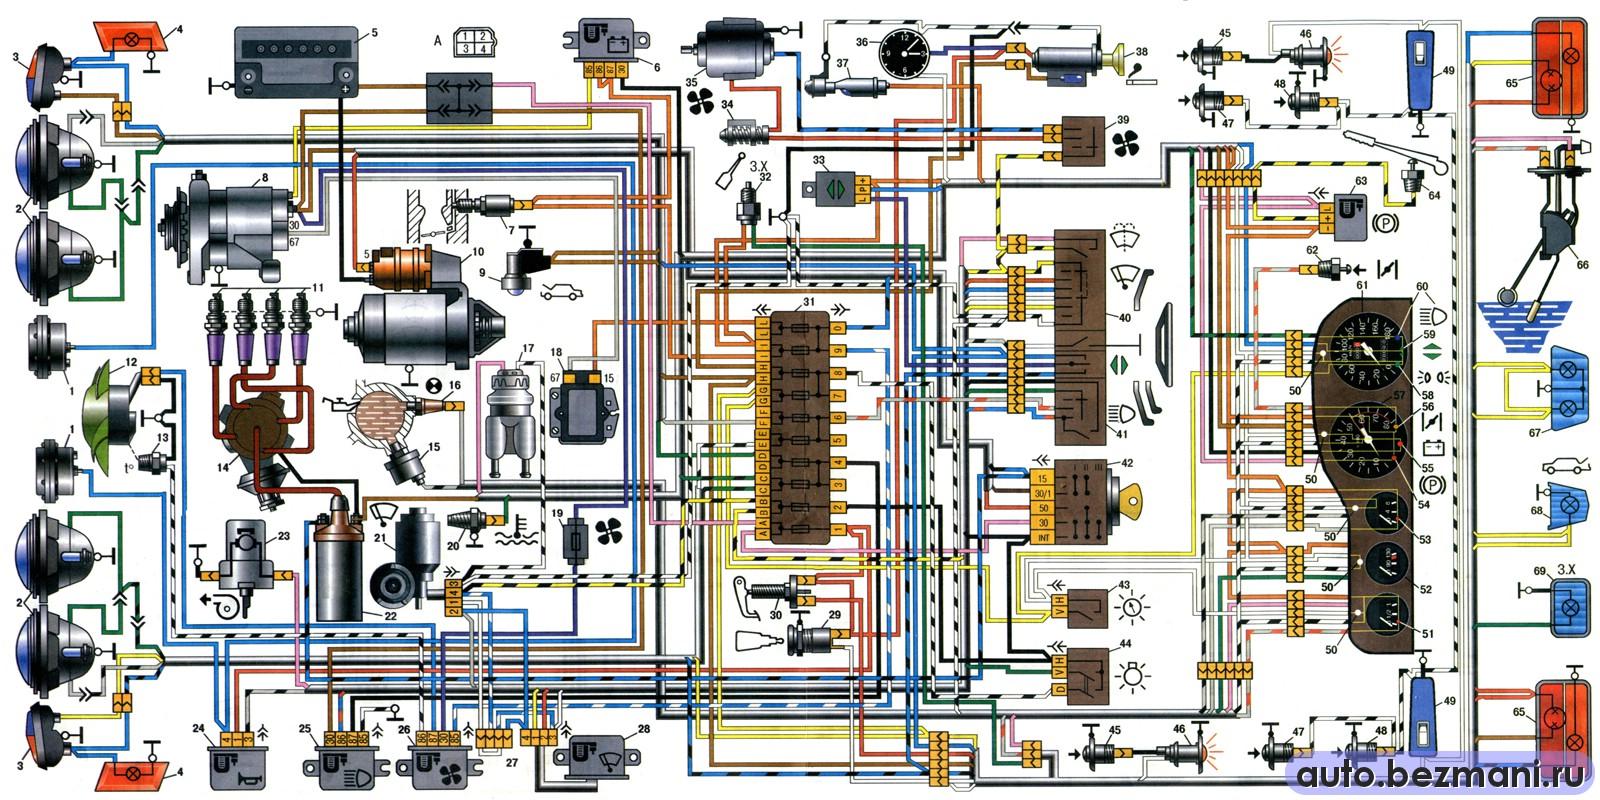 электрические схемы пежо партнер типи.